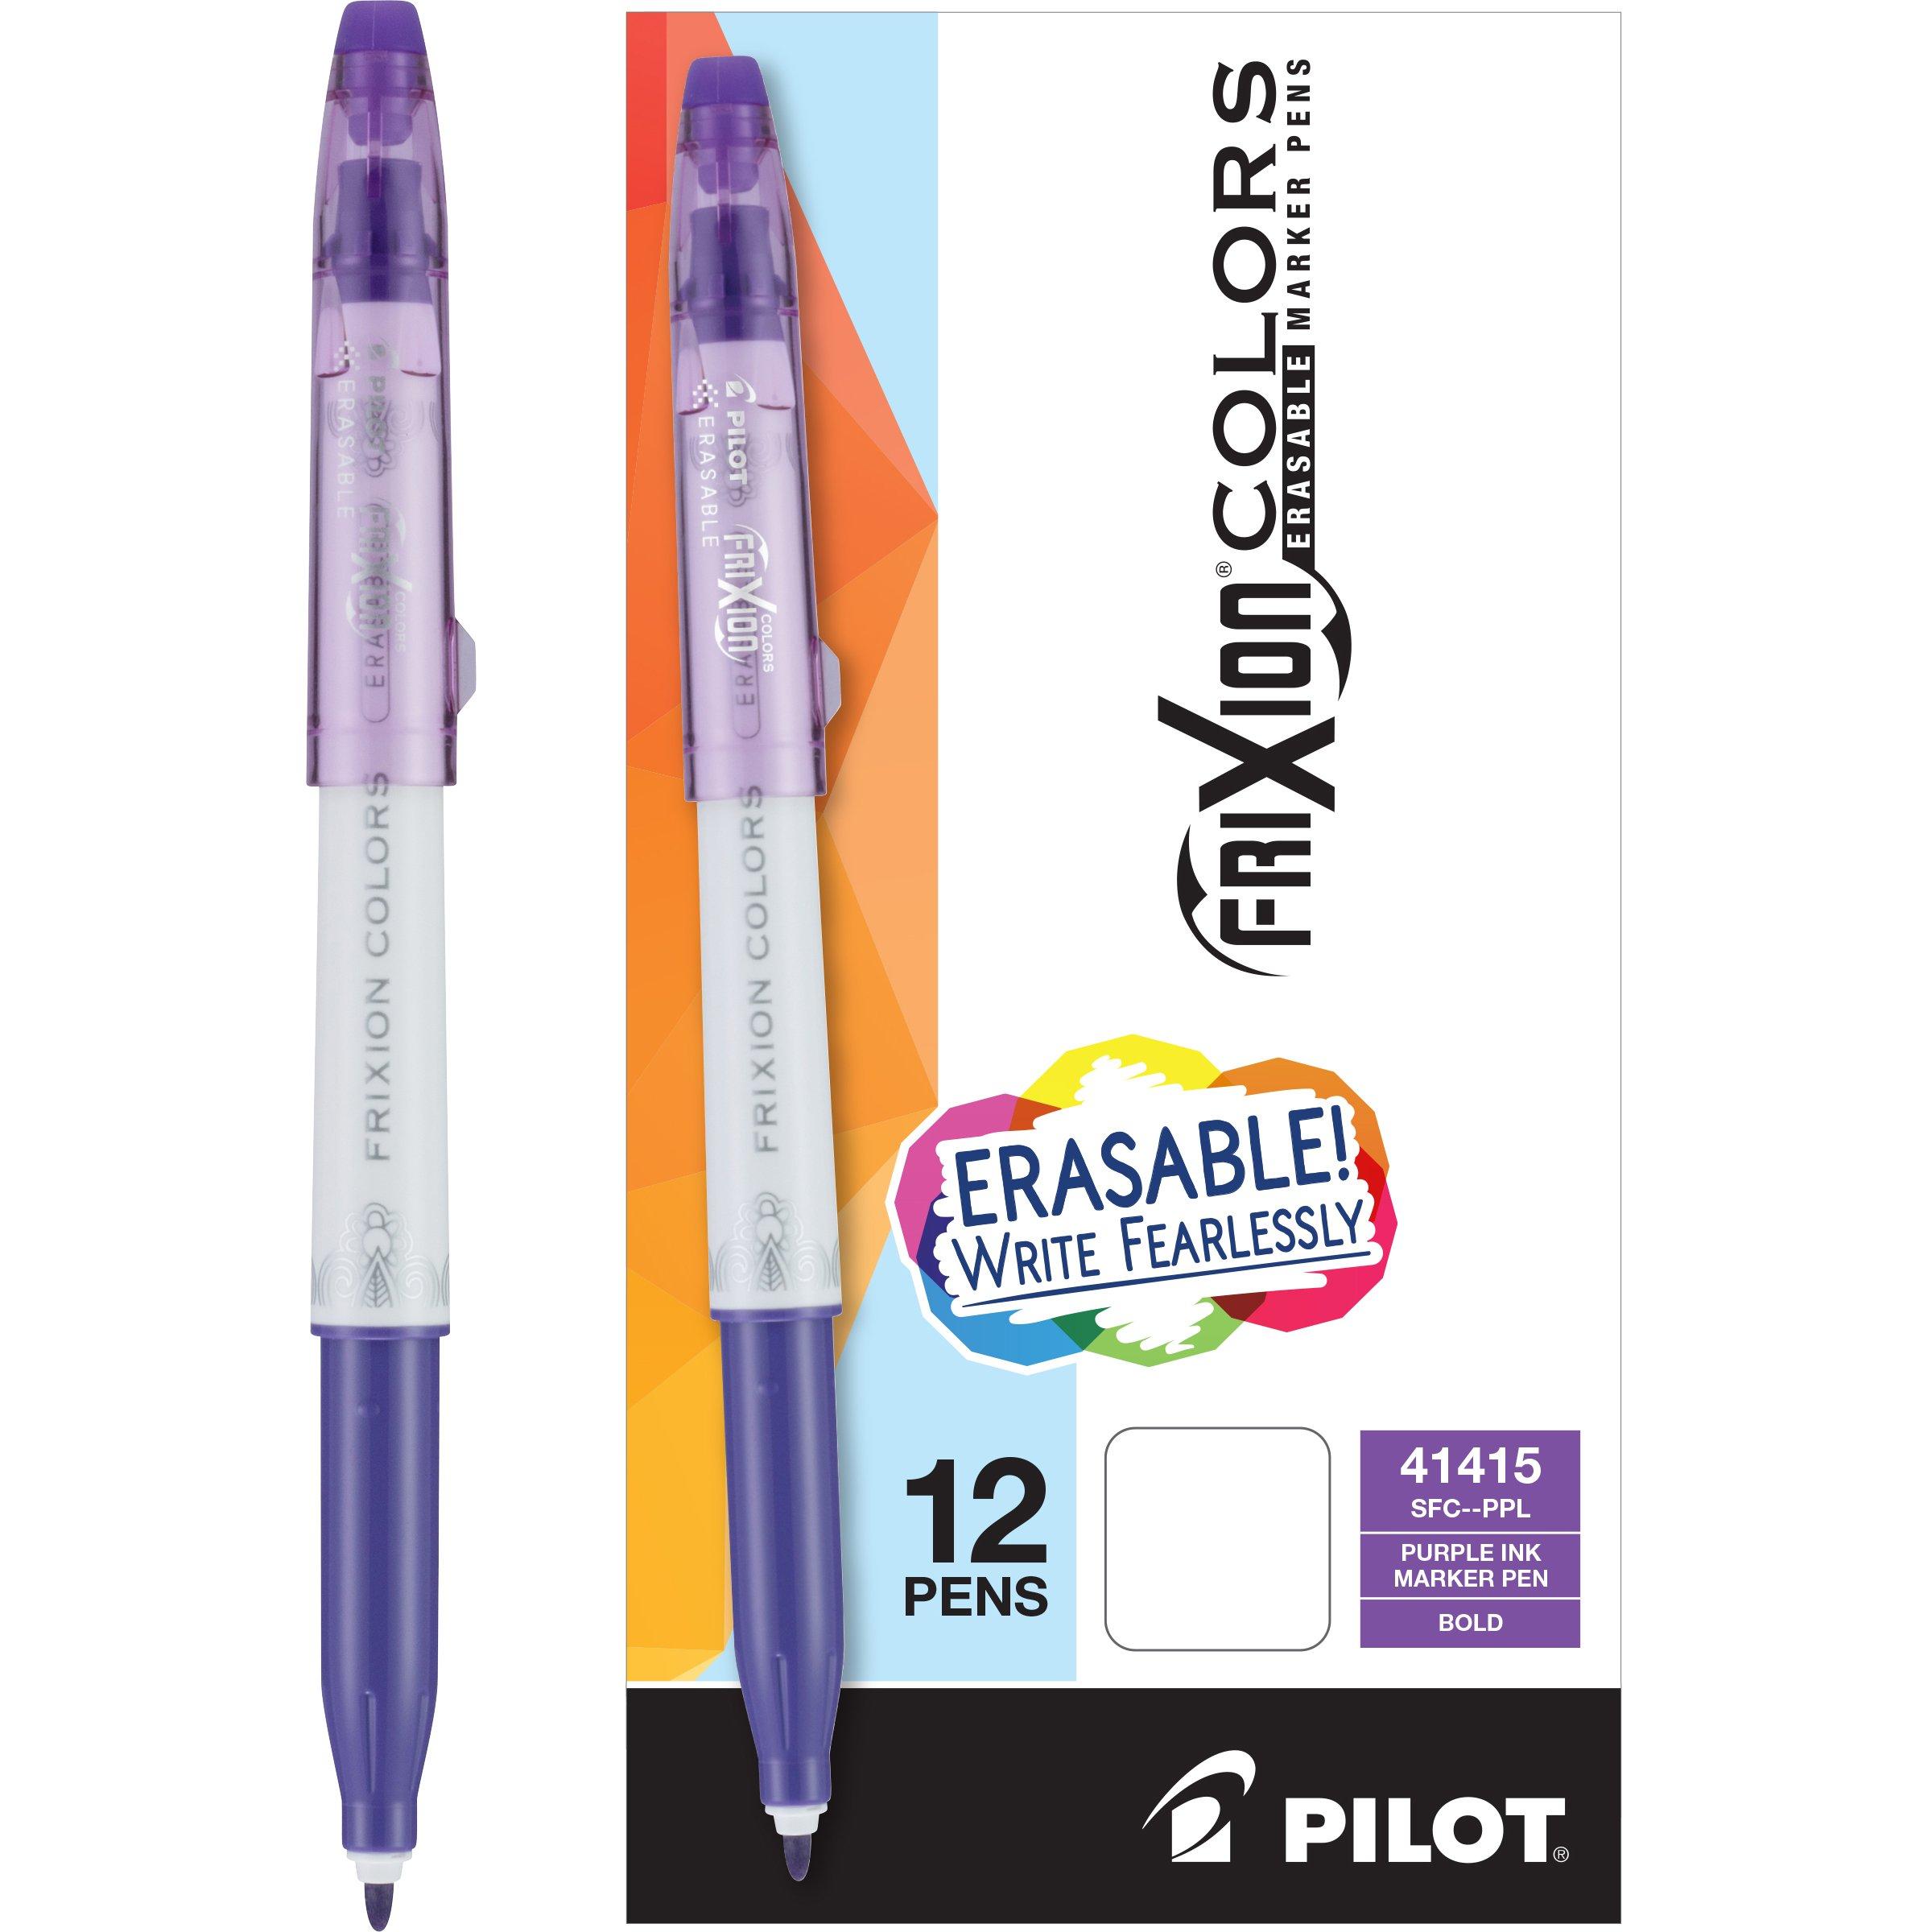 PILOT FriXion Colors Erasable Marker Pens, Bold Poi [75XFM77J]